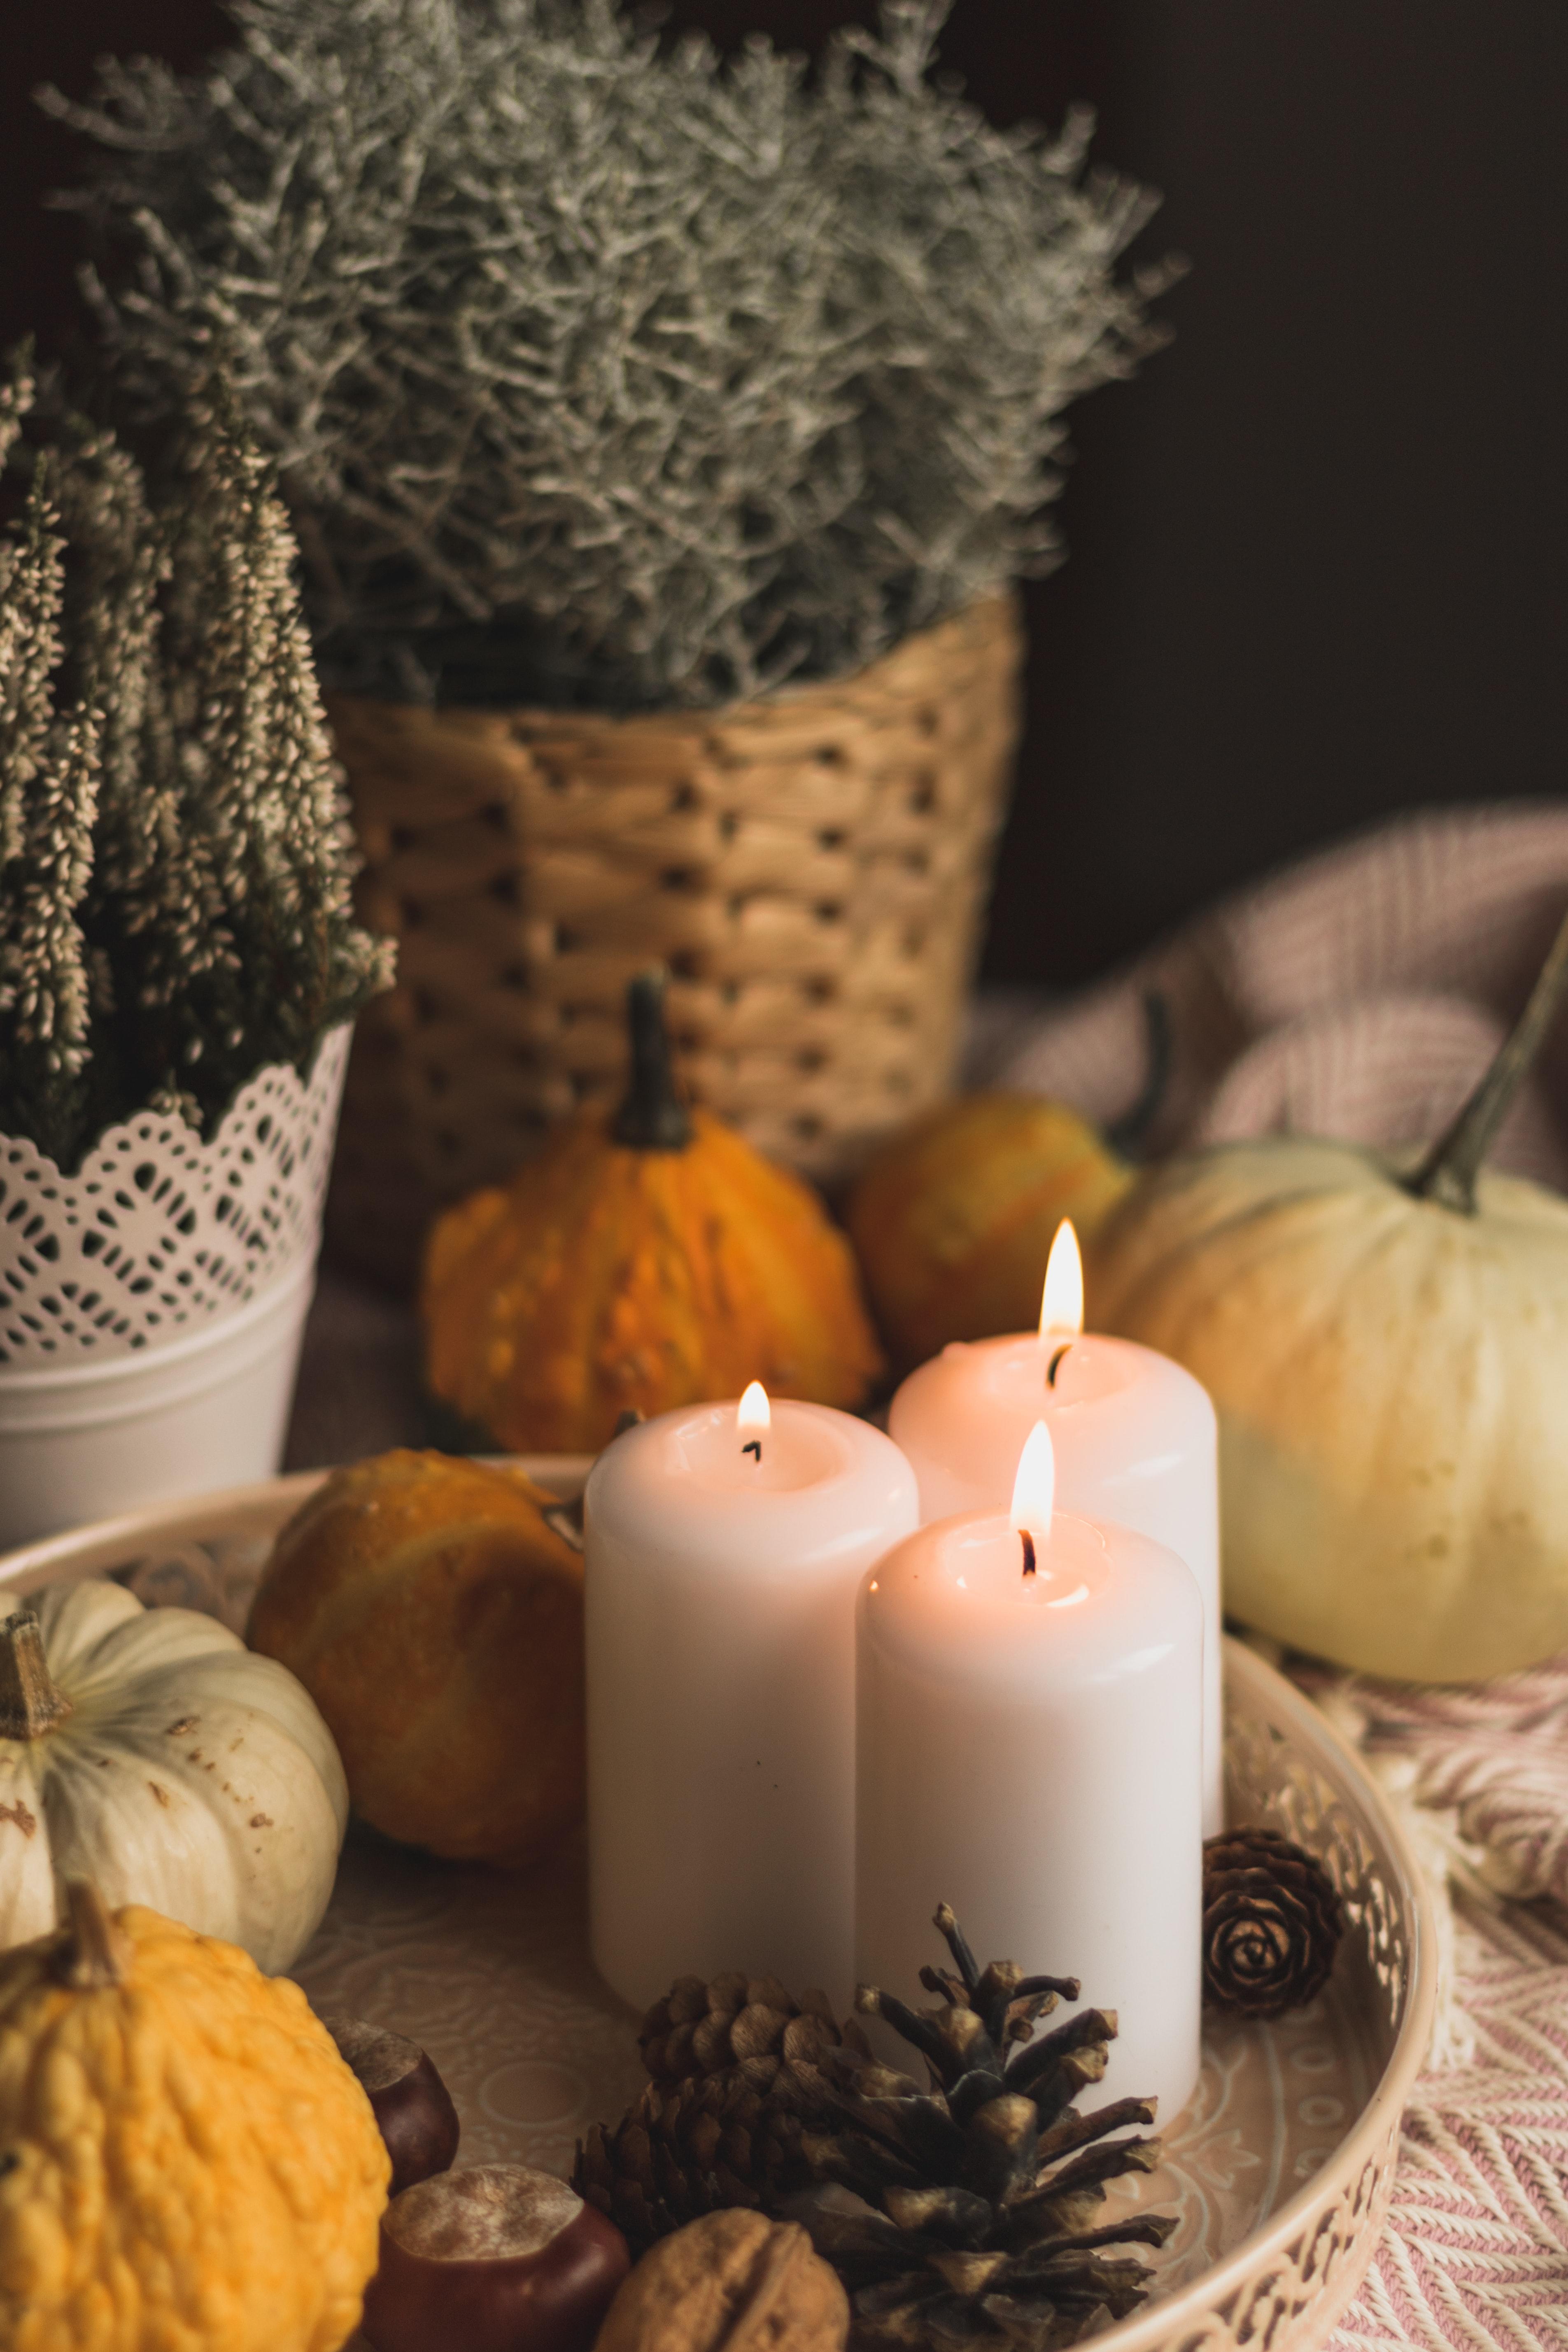 87260 скачать обои Разное, Свечи, Пламя, Хэллоуин, Шишки, Тыквы - заставки и картинки бесплатно